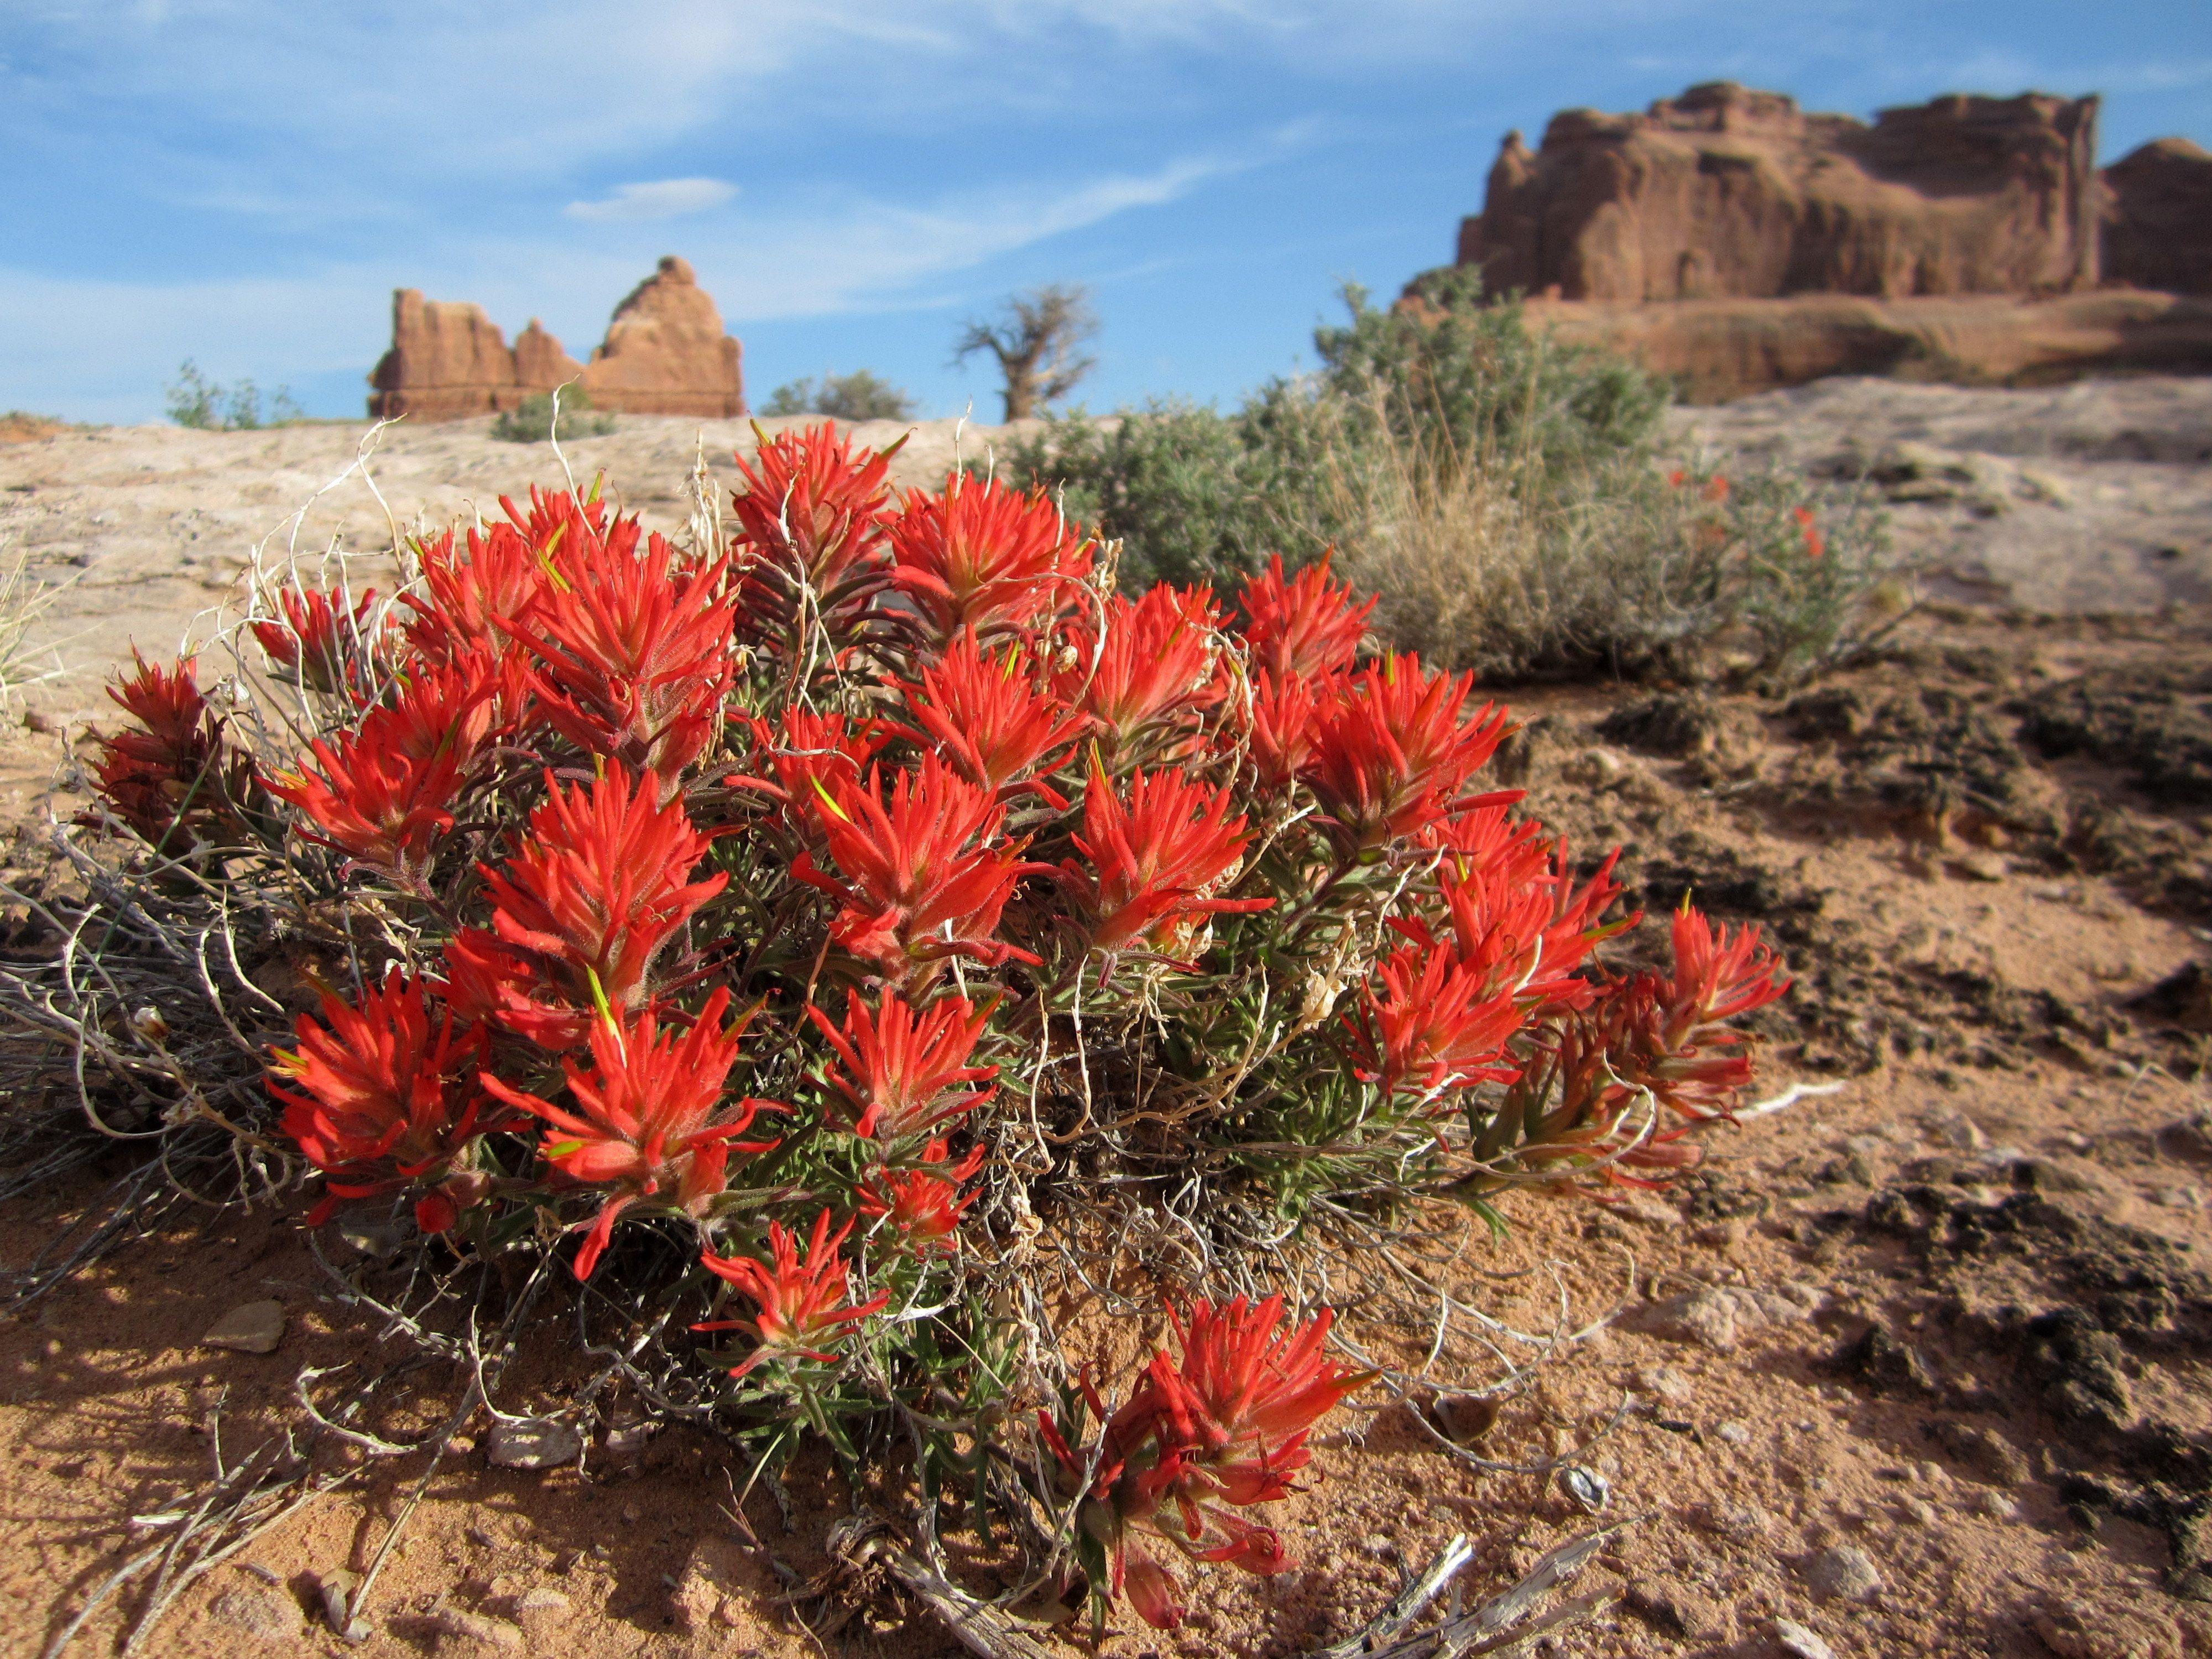 растения пустыни фото с названиями простой темно-бордовый цветок